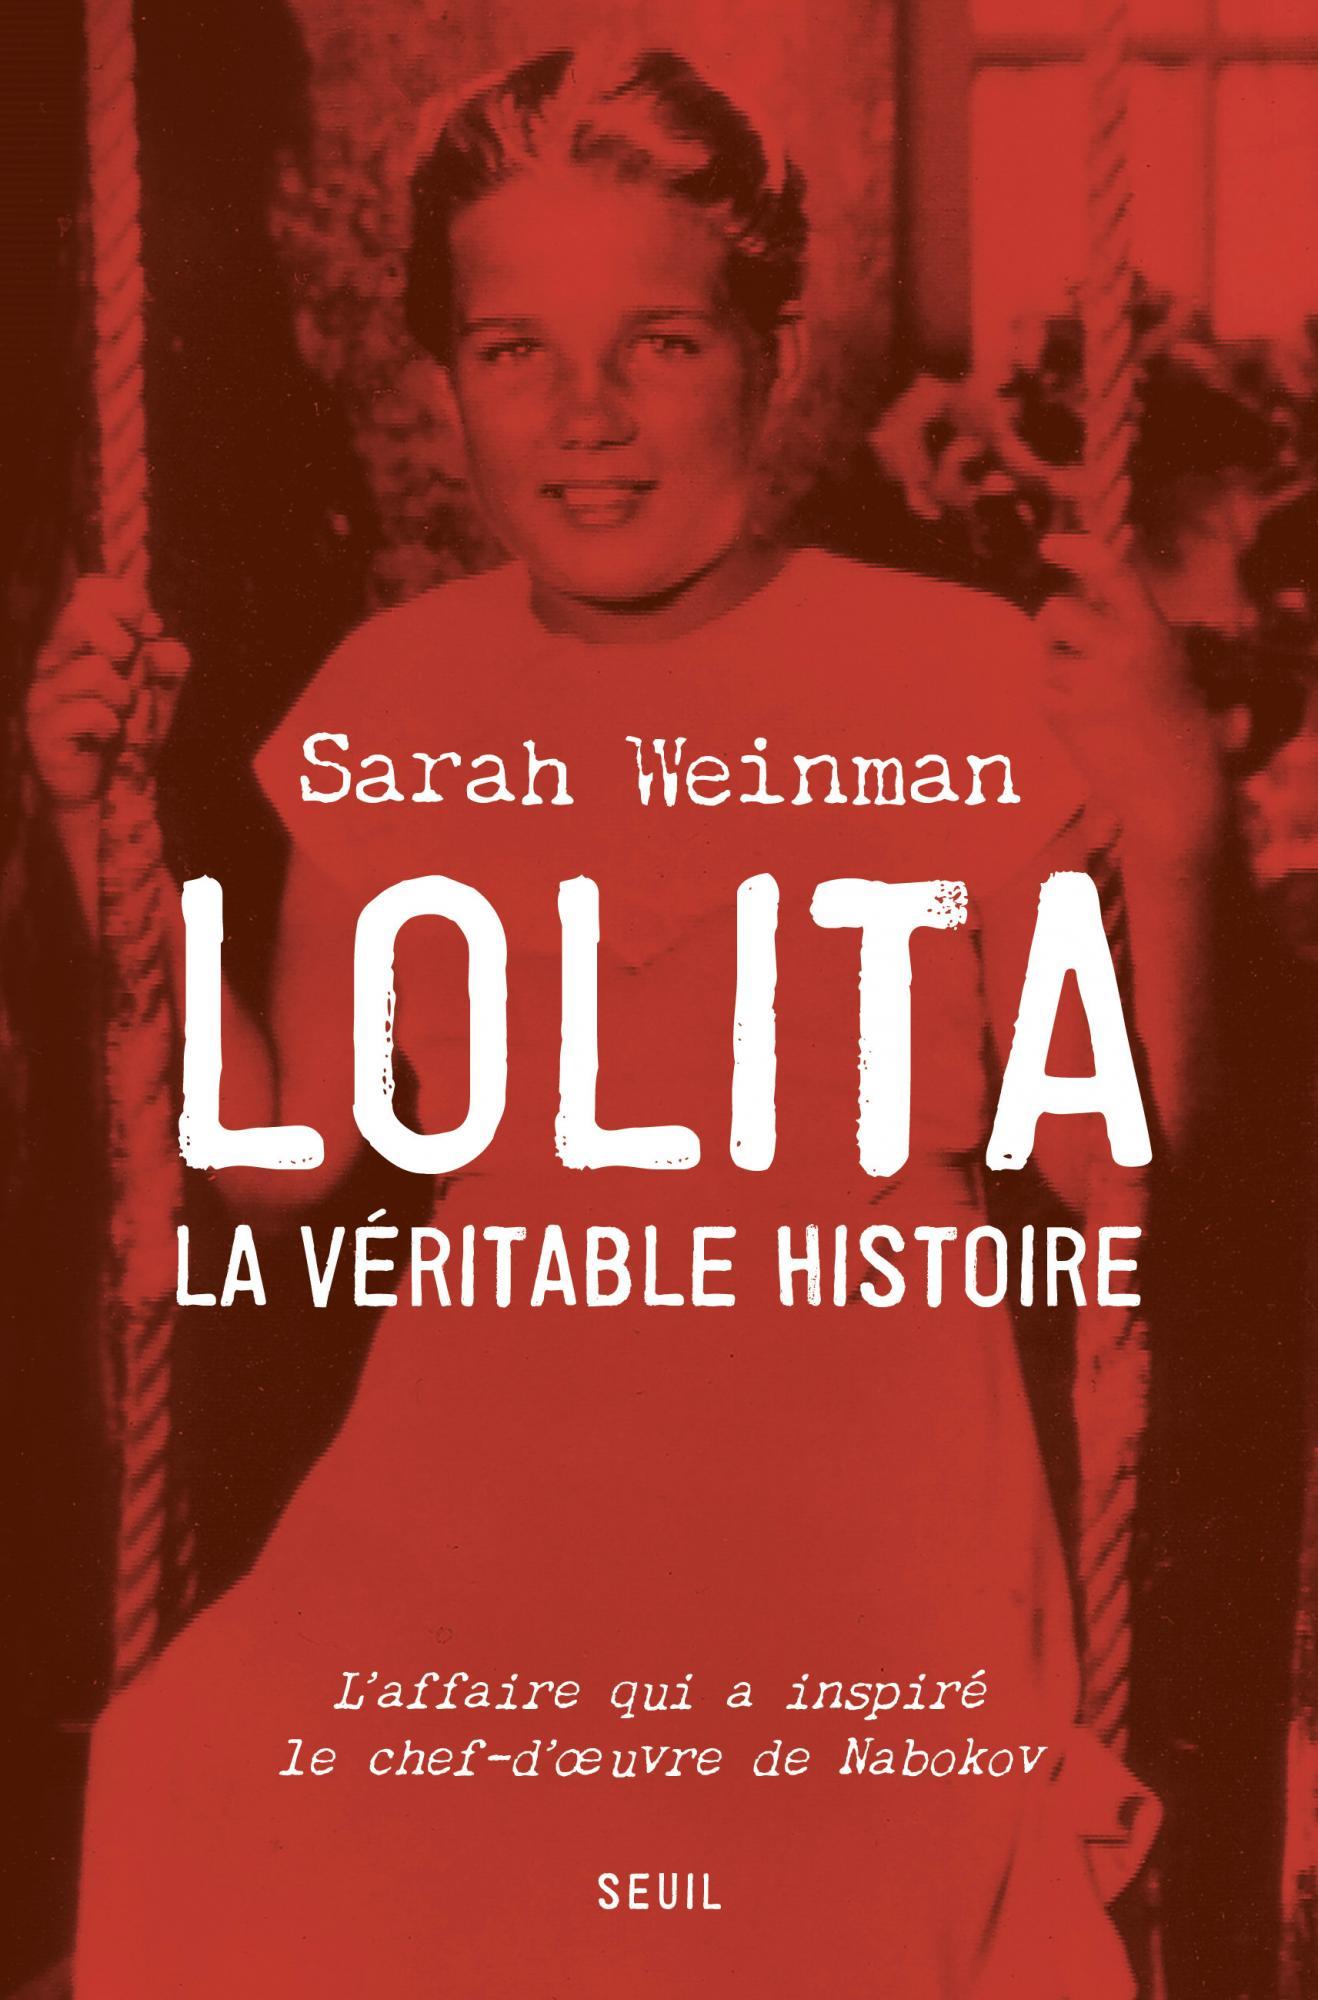 S. Weinman, Lolita, la véritable histoire. L'affaire qui a inspiré le chef-d'oeuvre de Nabokov